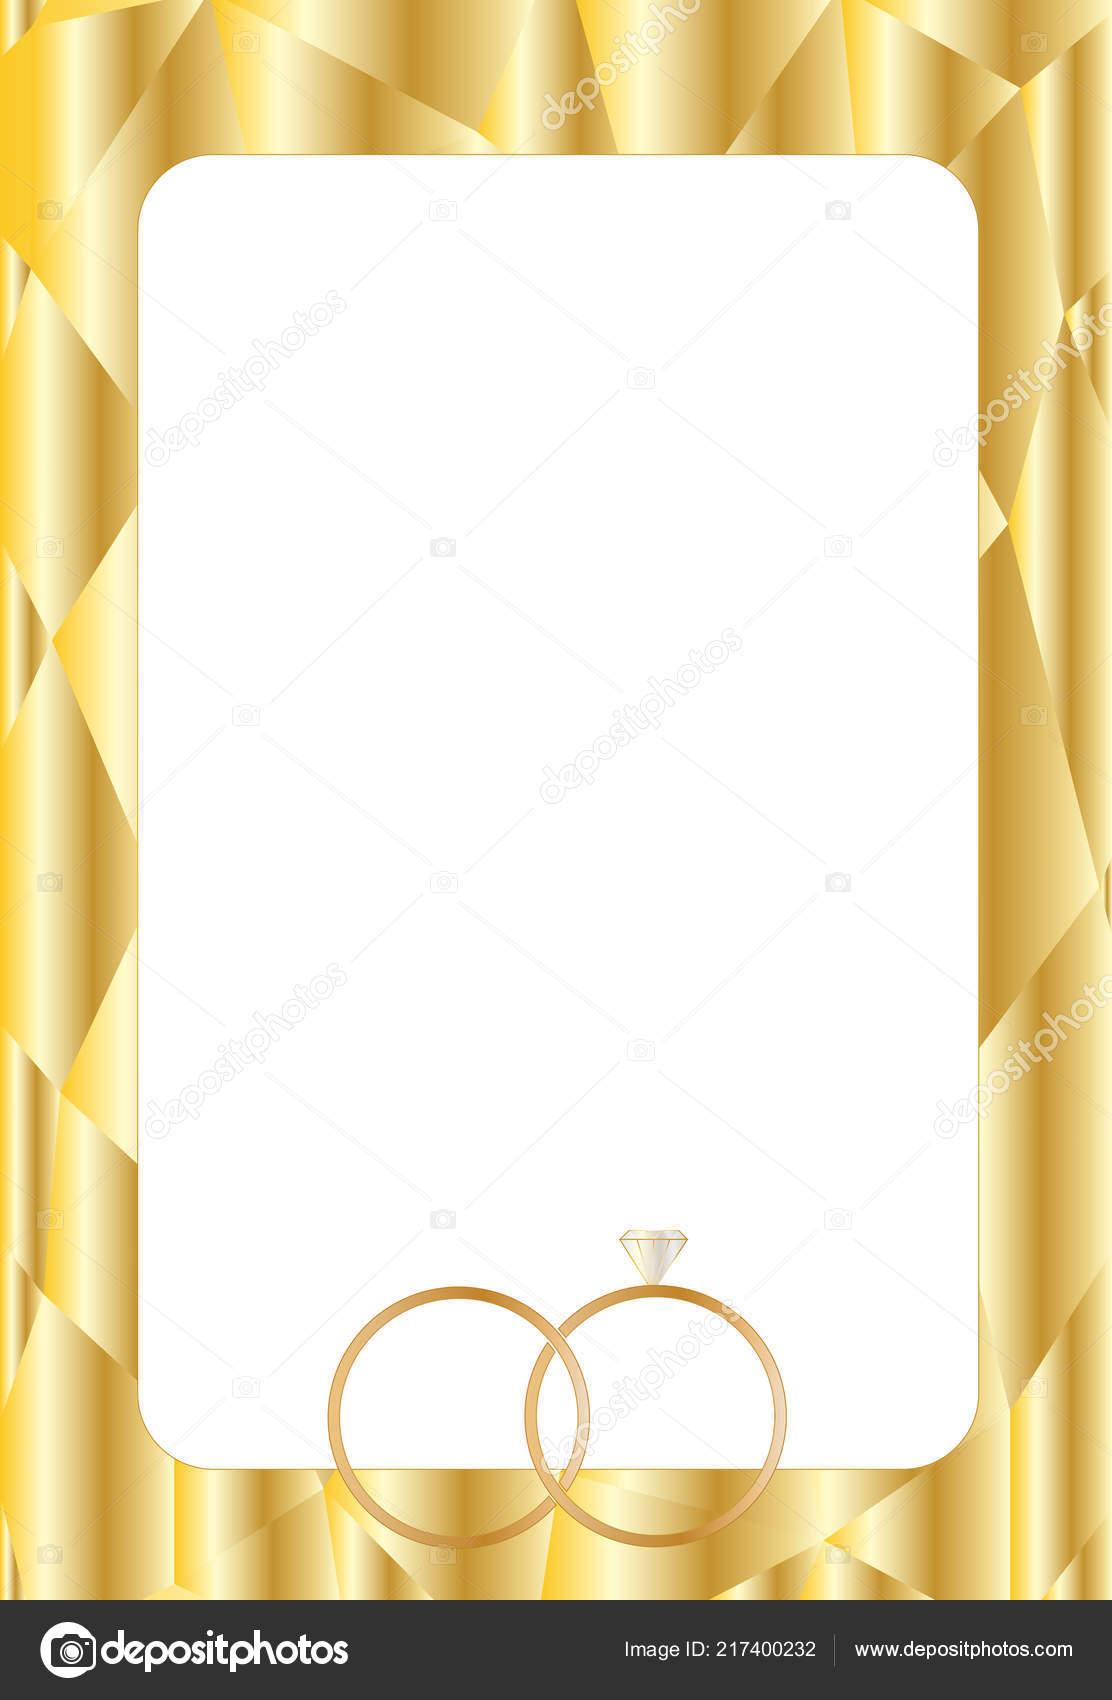 Dise o plantillas dise o para tarjetas boda con anillos - Disenos tarjetas de boda ...